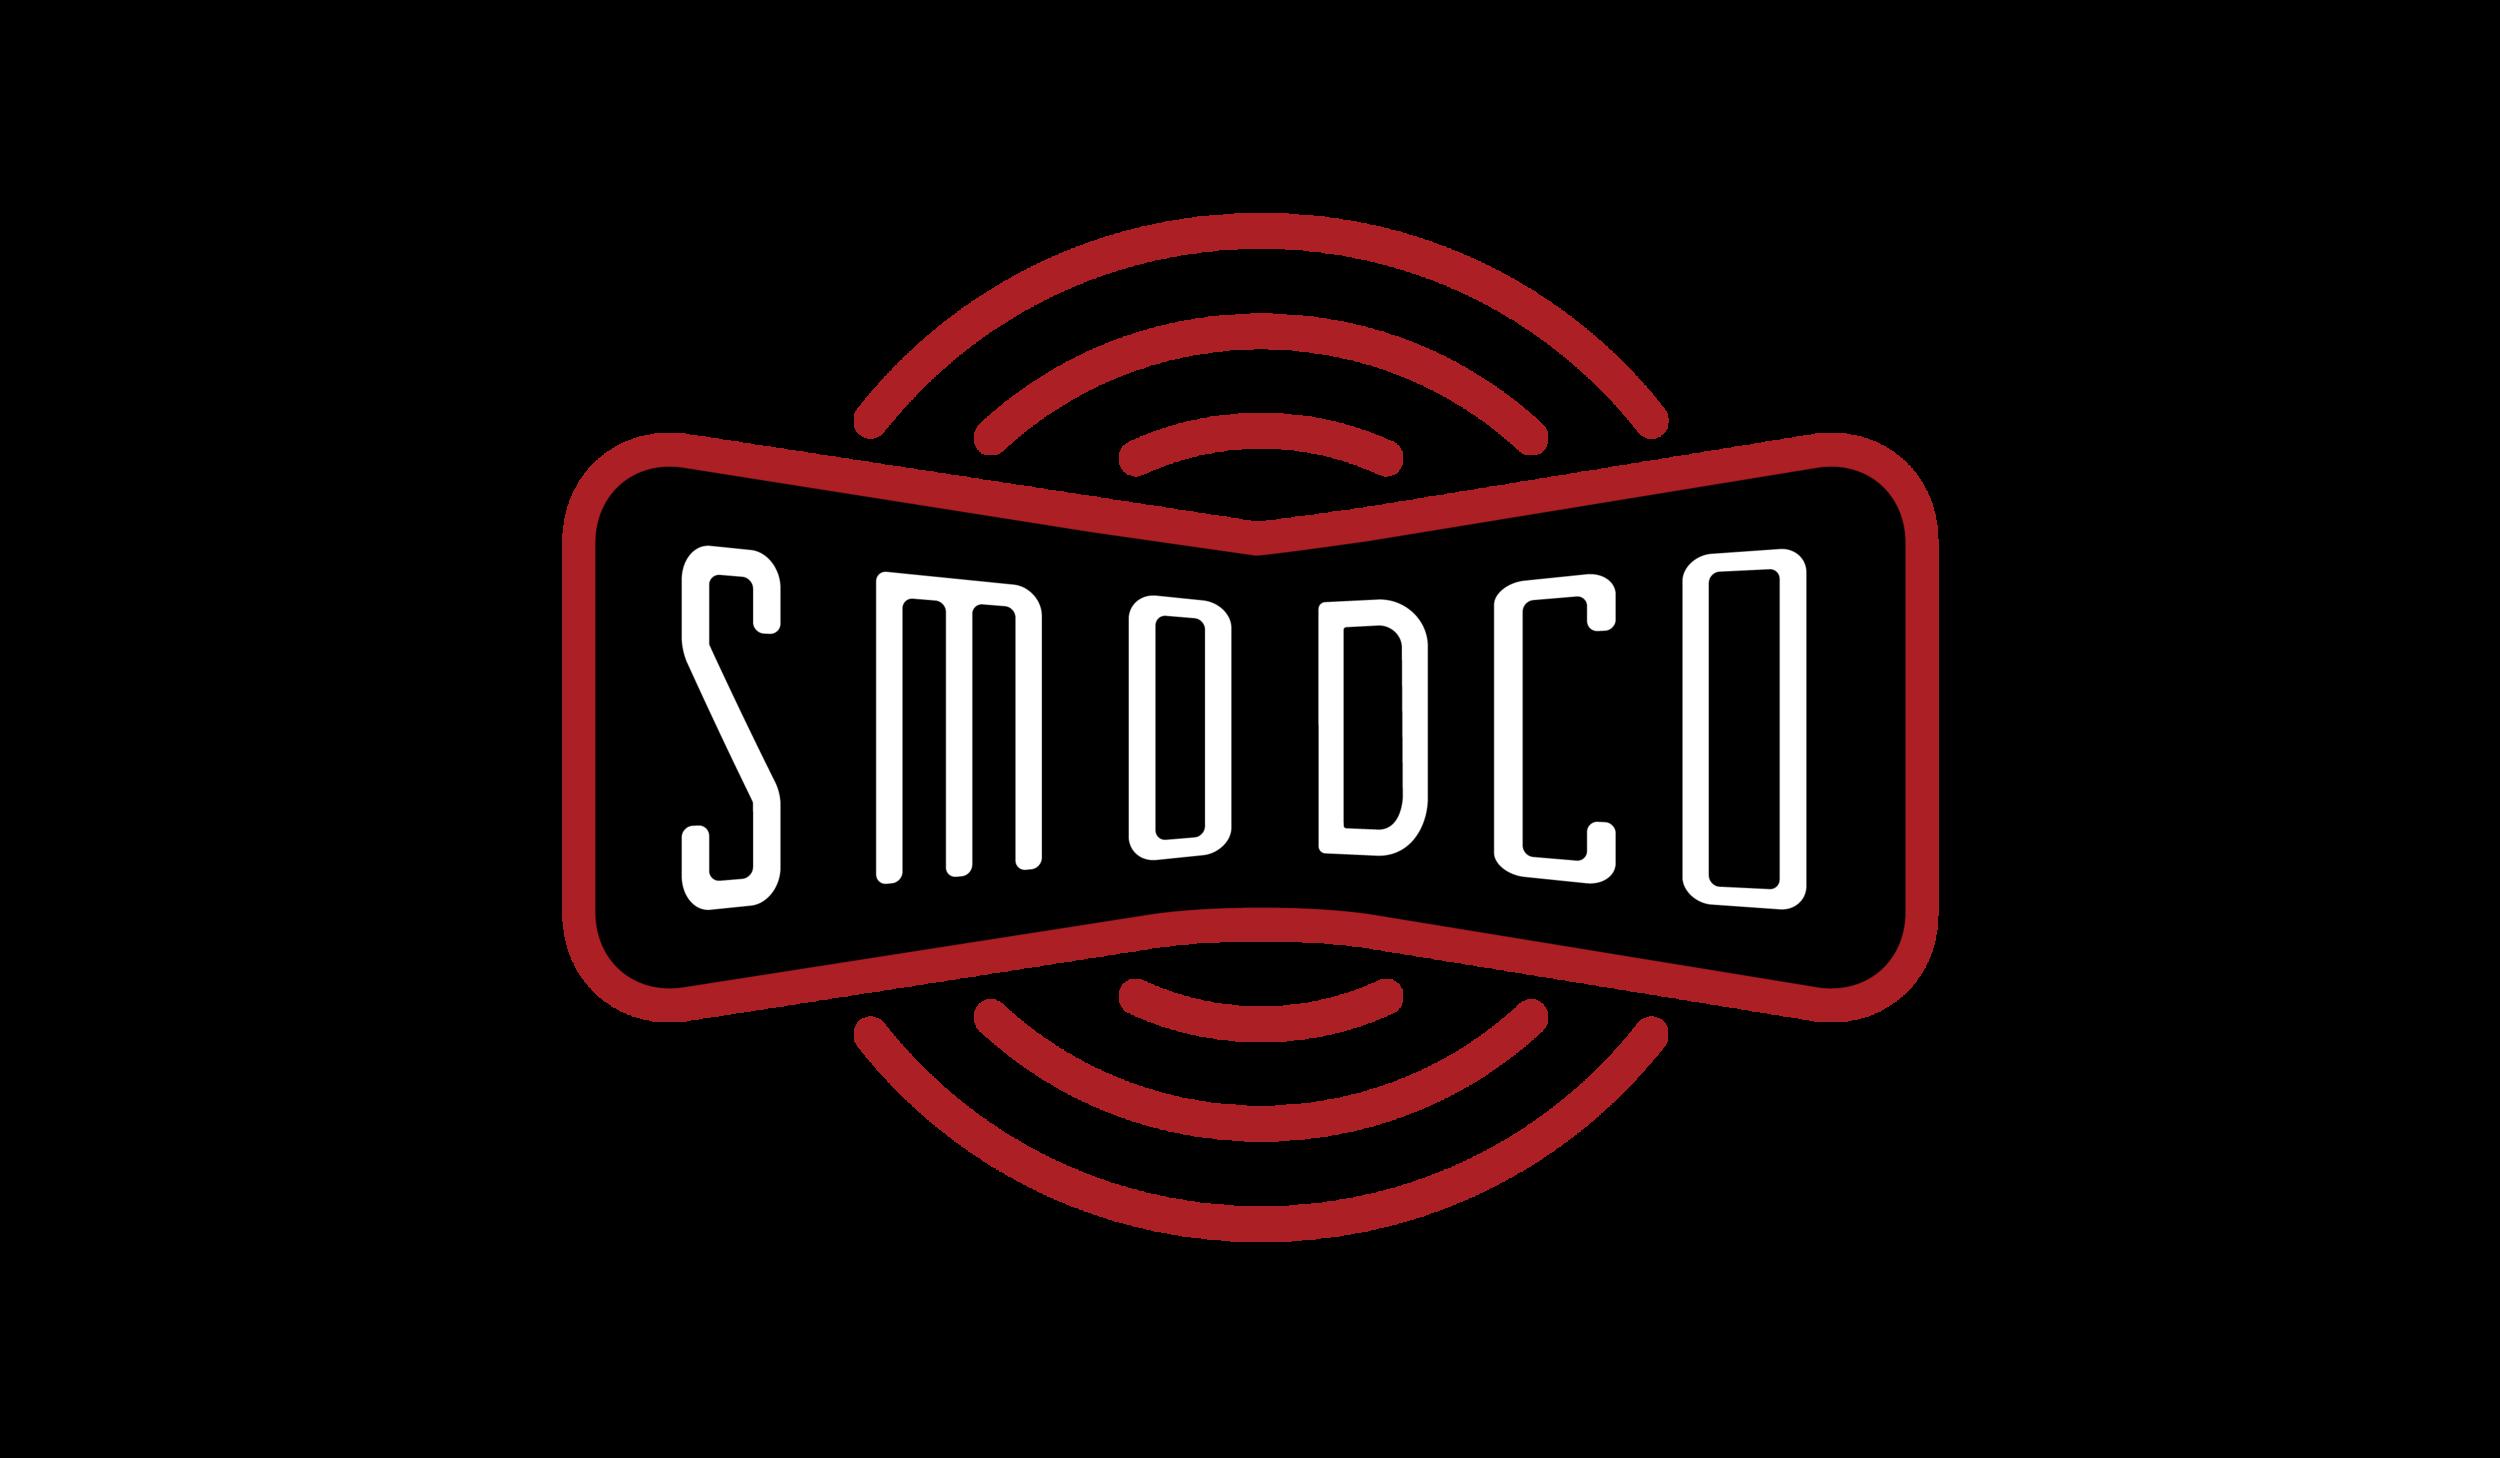 smodco-logo-2017-01.png